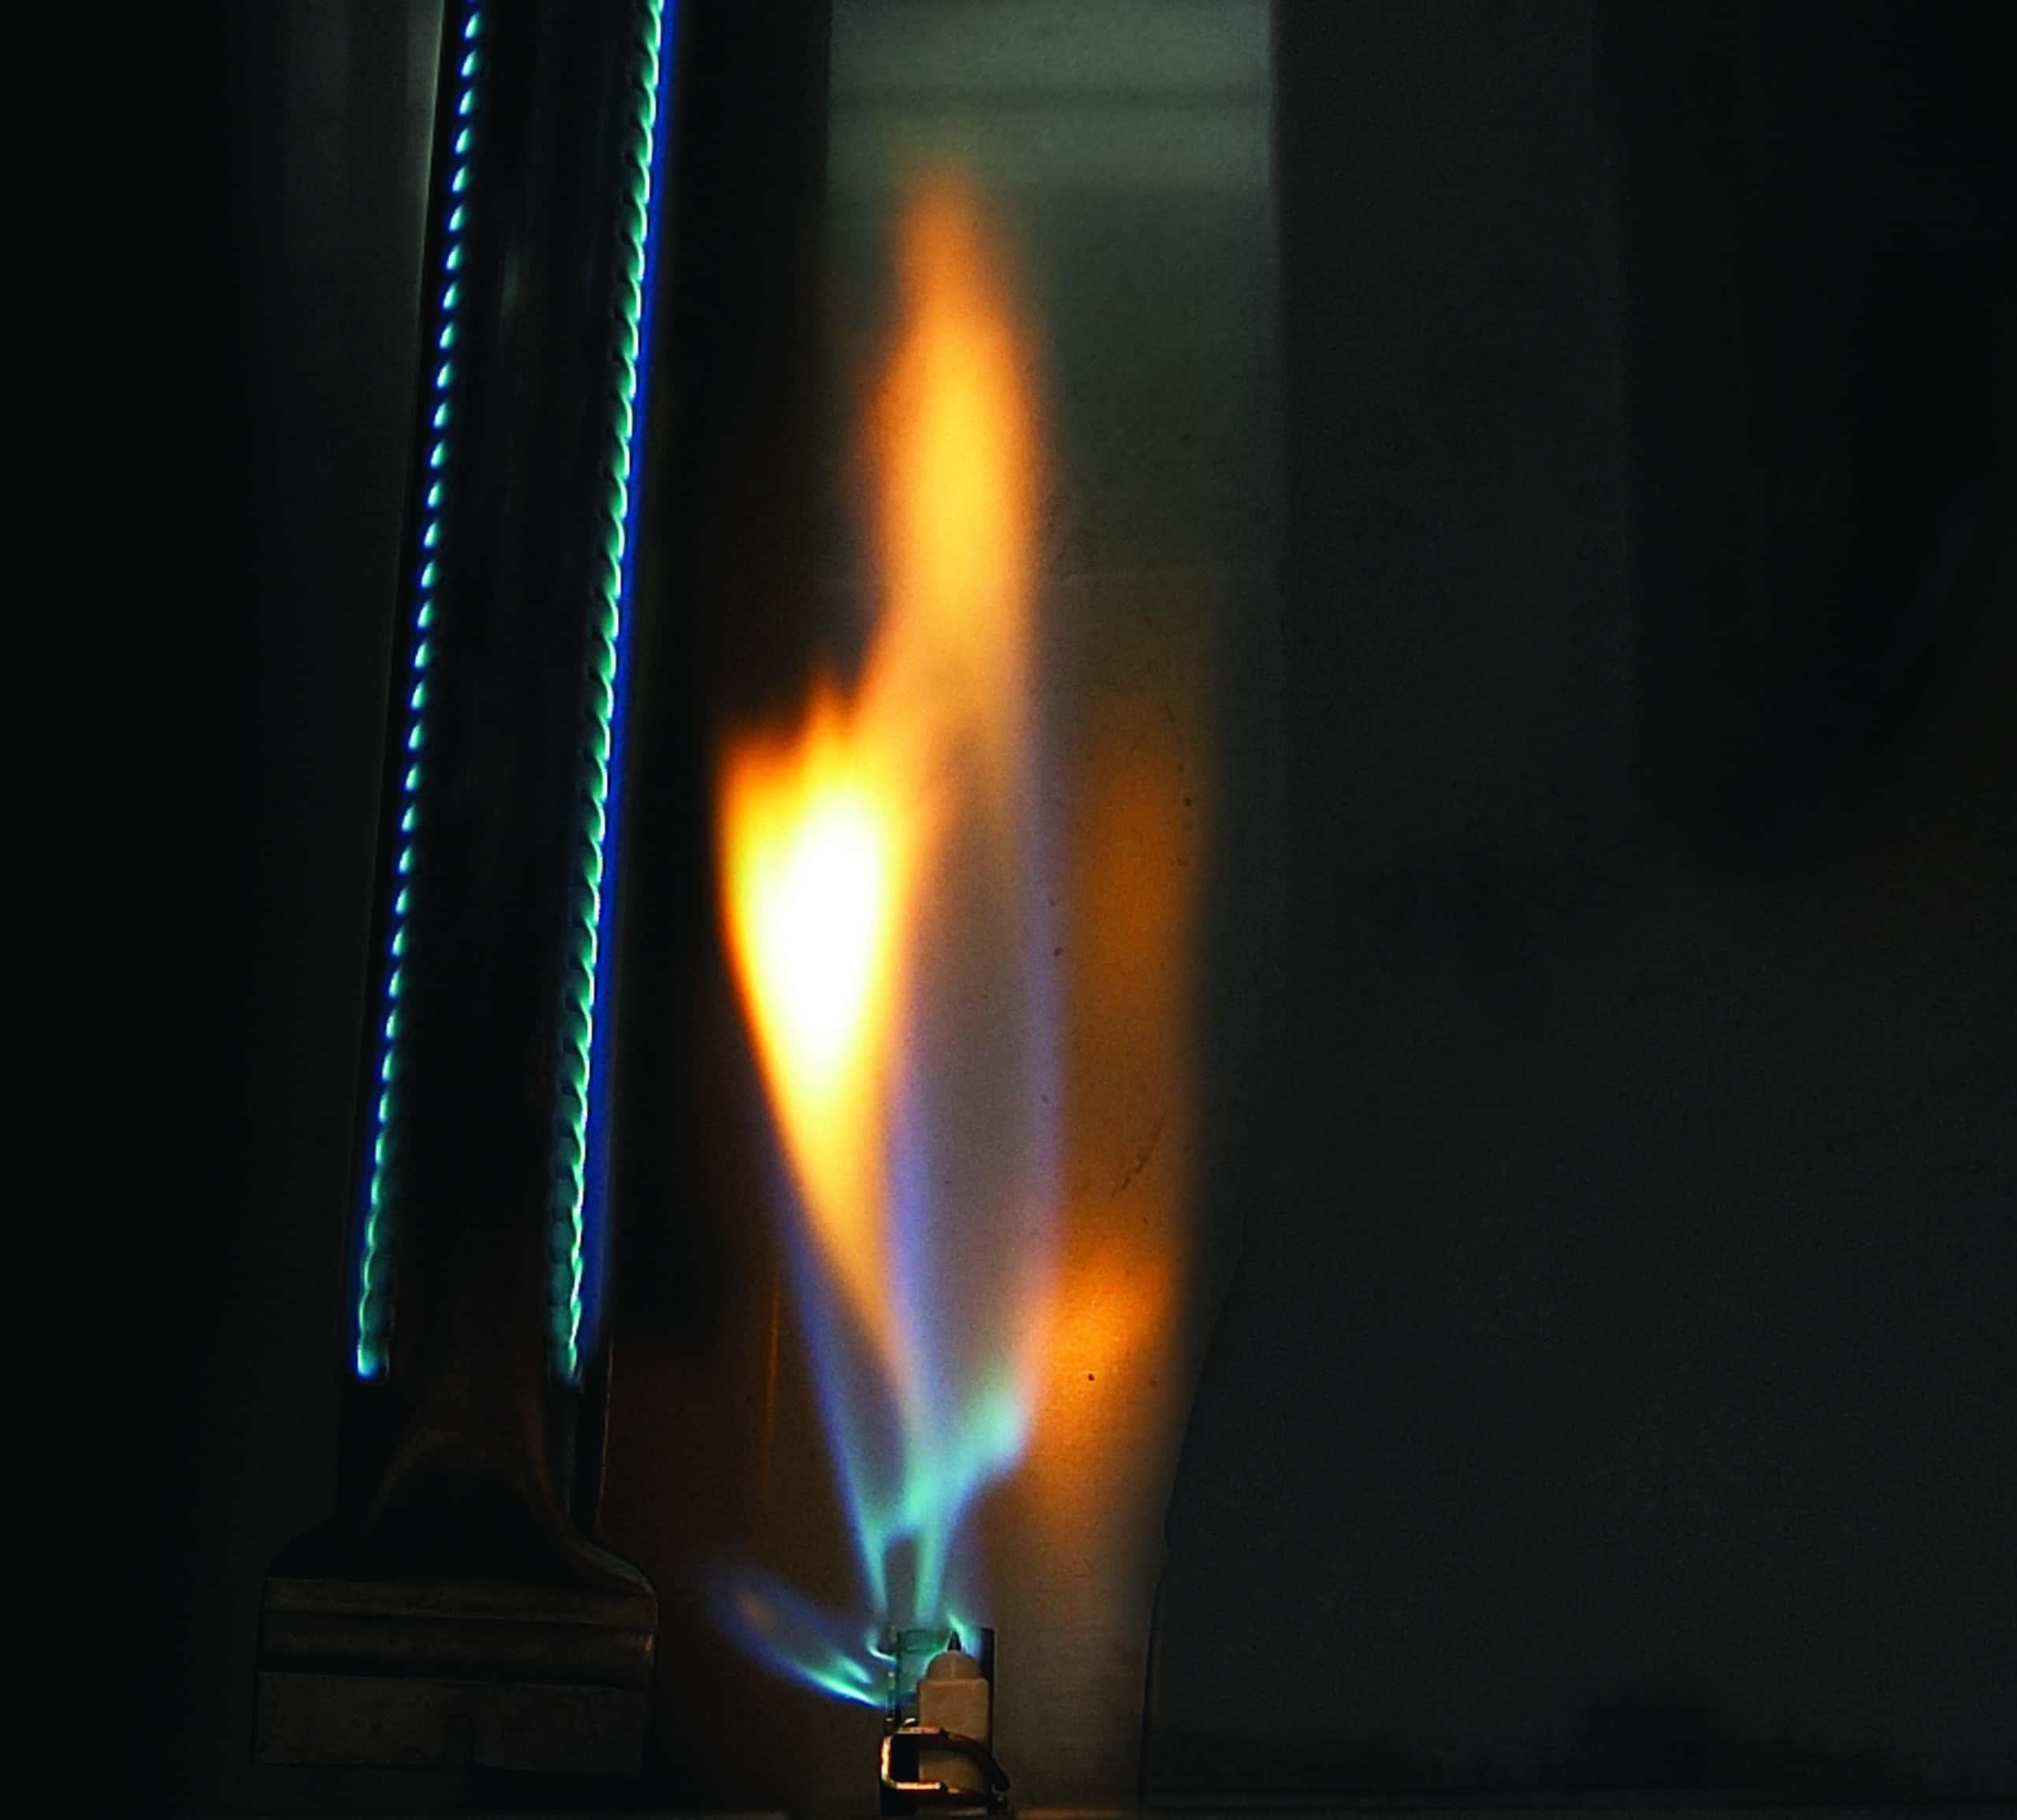 Das Jetfire System im Einsatz